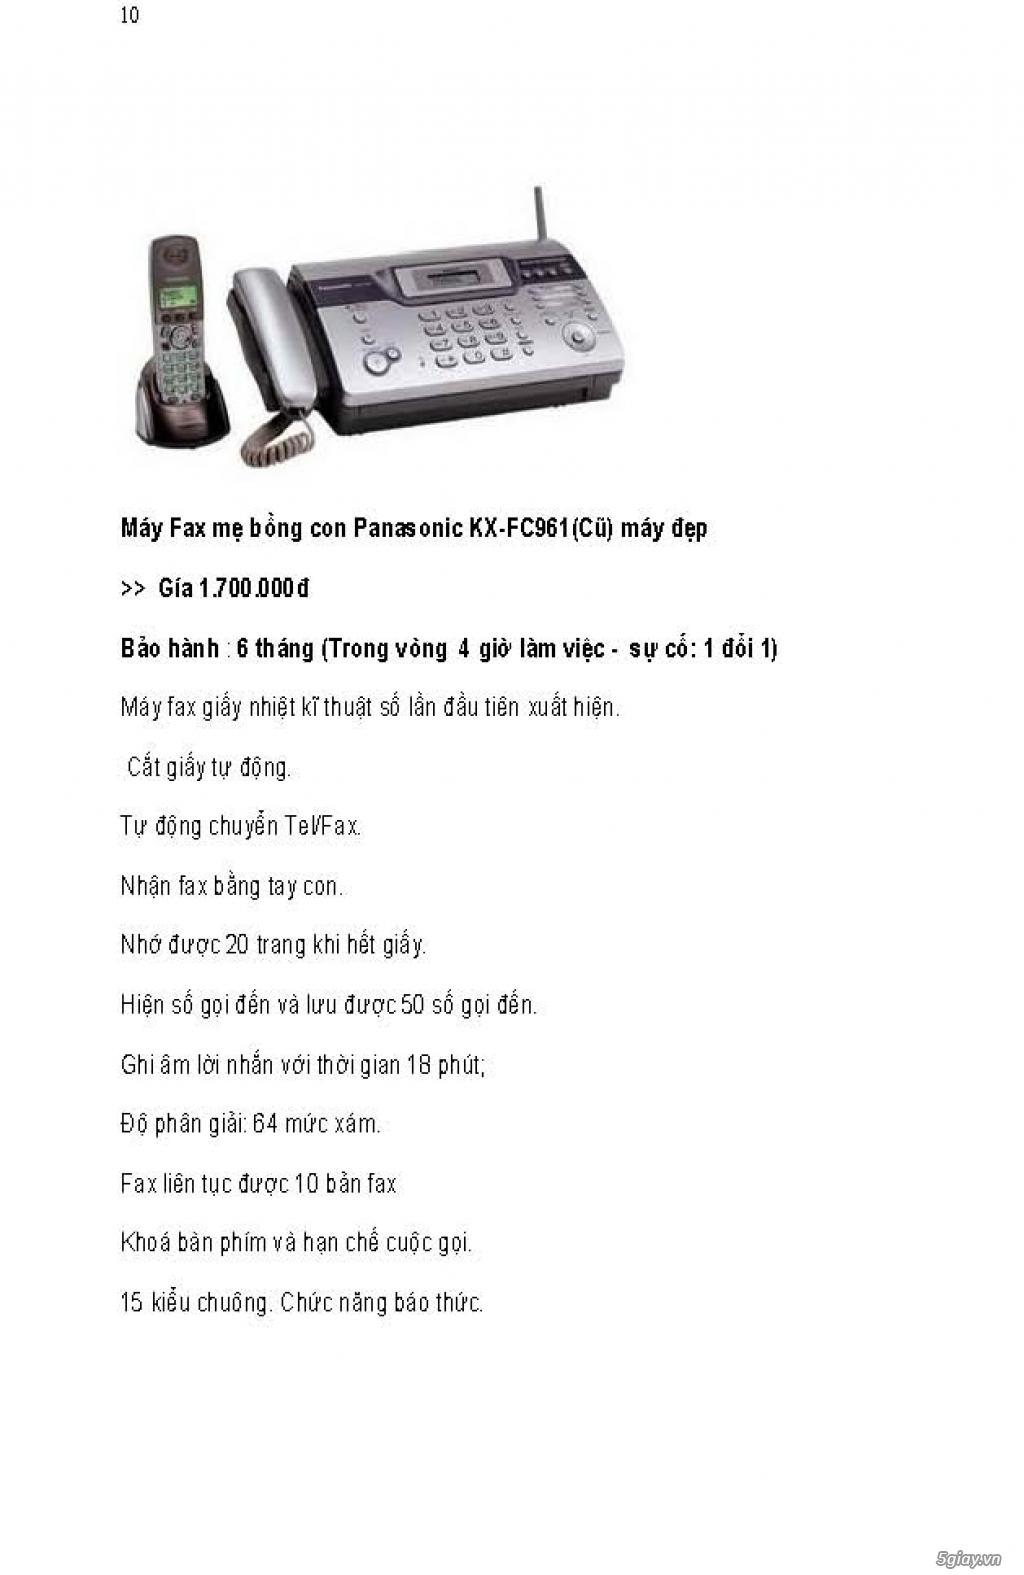 Sửa chữa Bộ Đàm,Máy Fax,Tổng Đài - 21